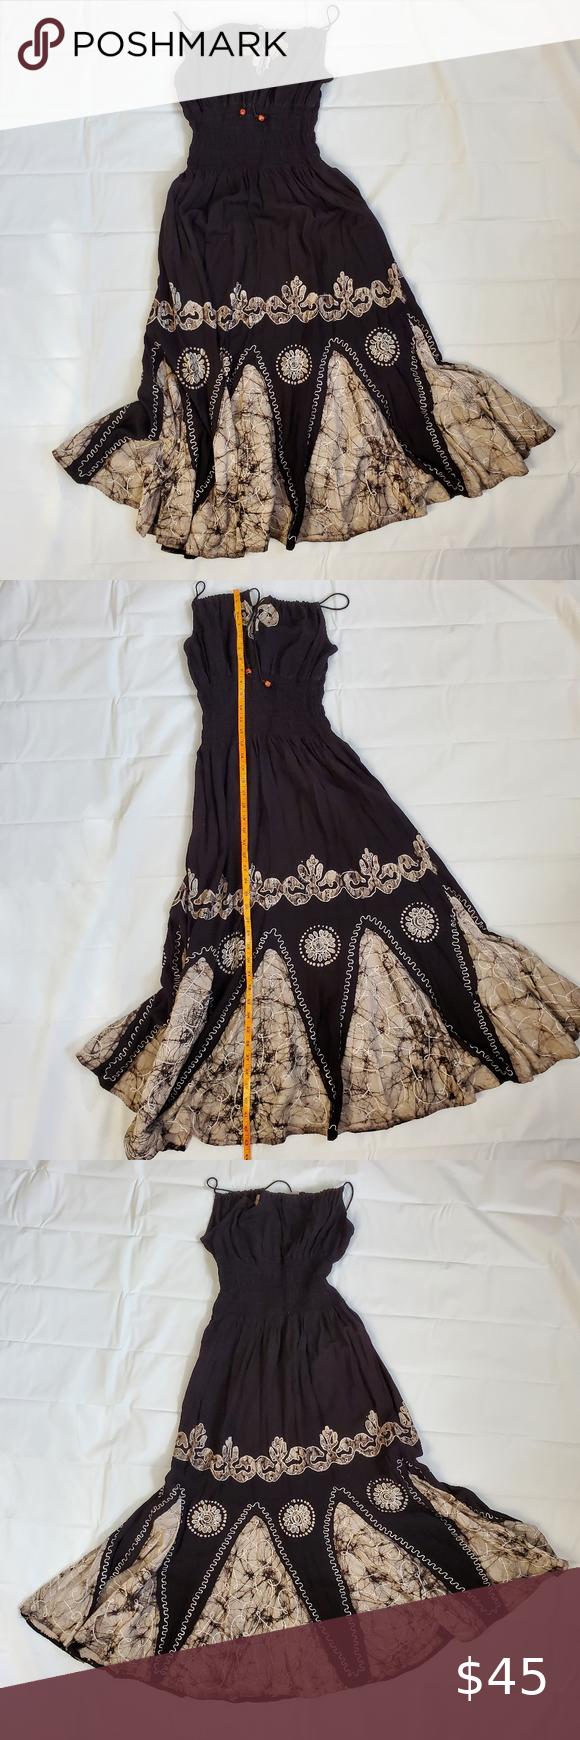 Candie S Black Cream Lace Dress Cream Lace Dress Lace Dress Clothes Design [ 1740 x 580 Pixel ]